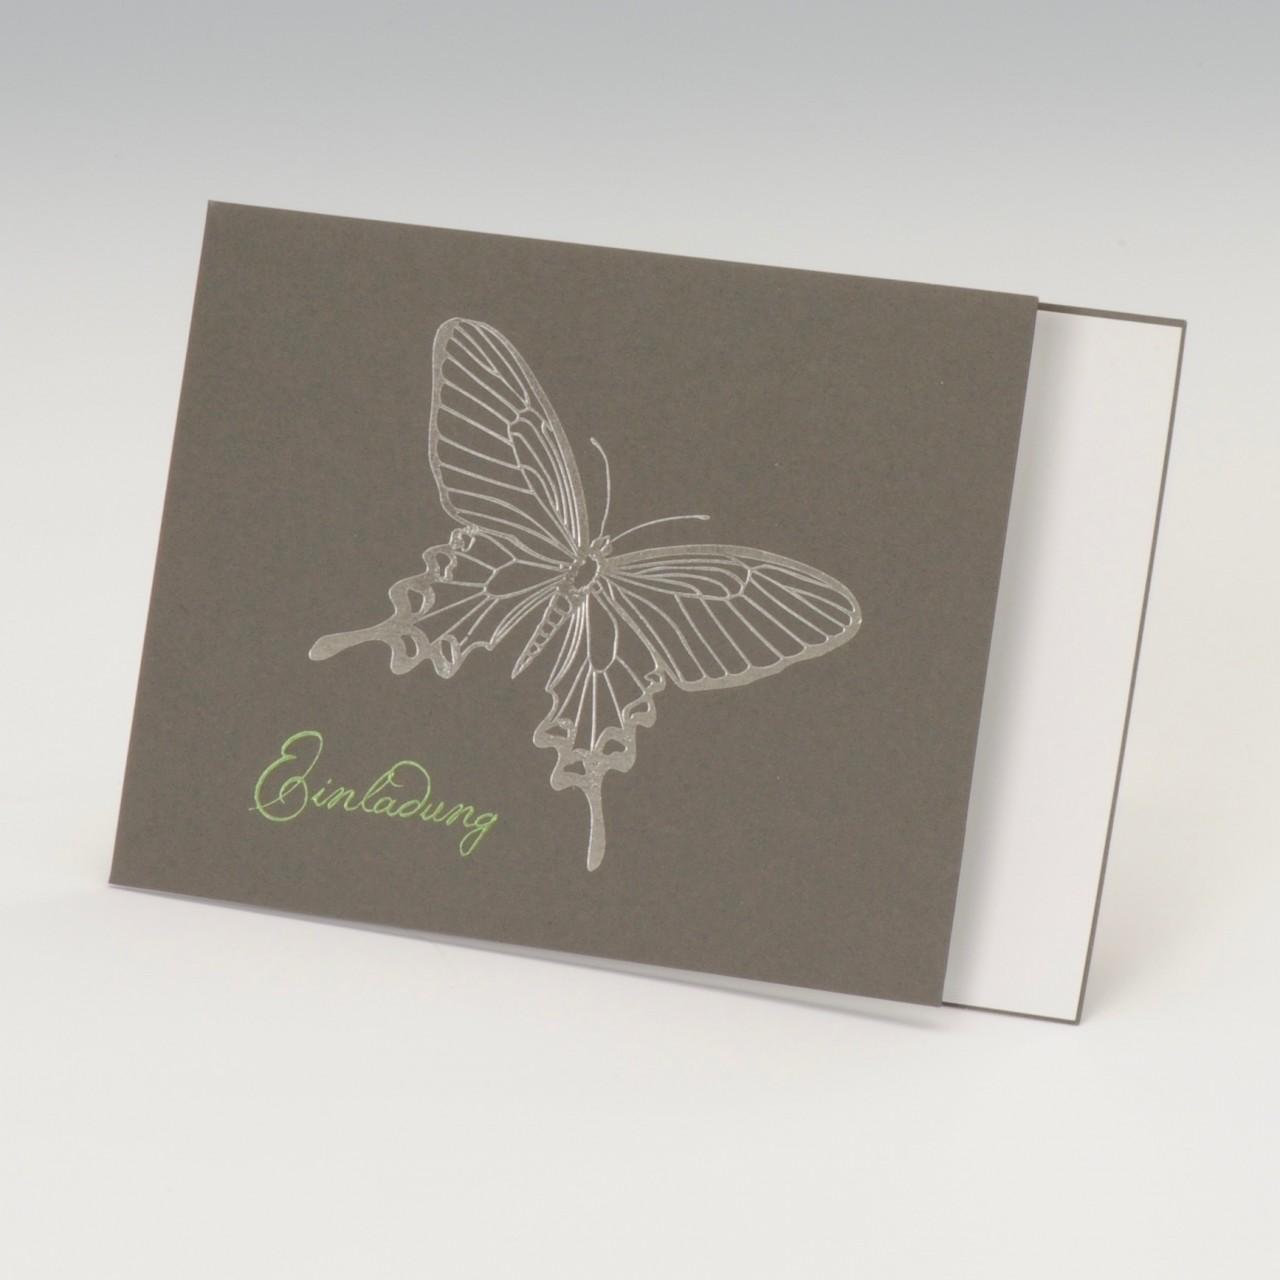 Graue Karte mit silber geprägtem Schmetterling auf der Vorderseite, Einleger weiß, Kuvert grün.